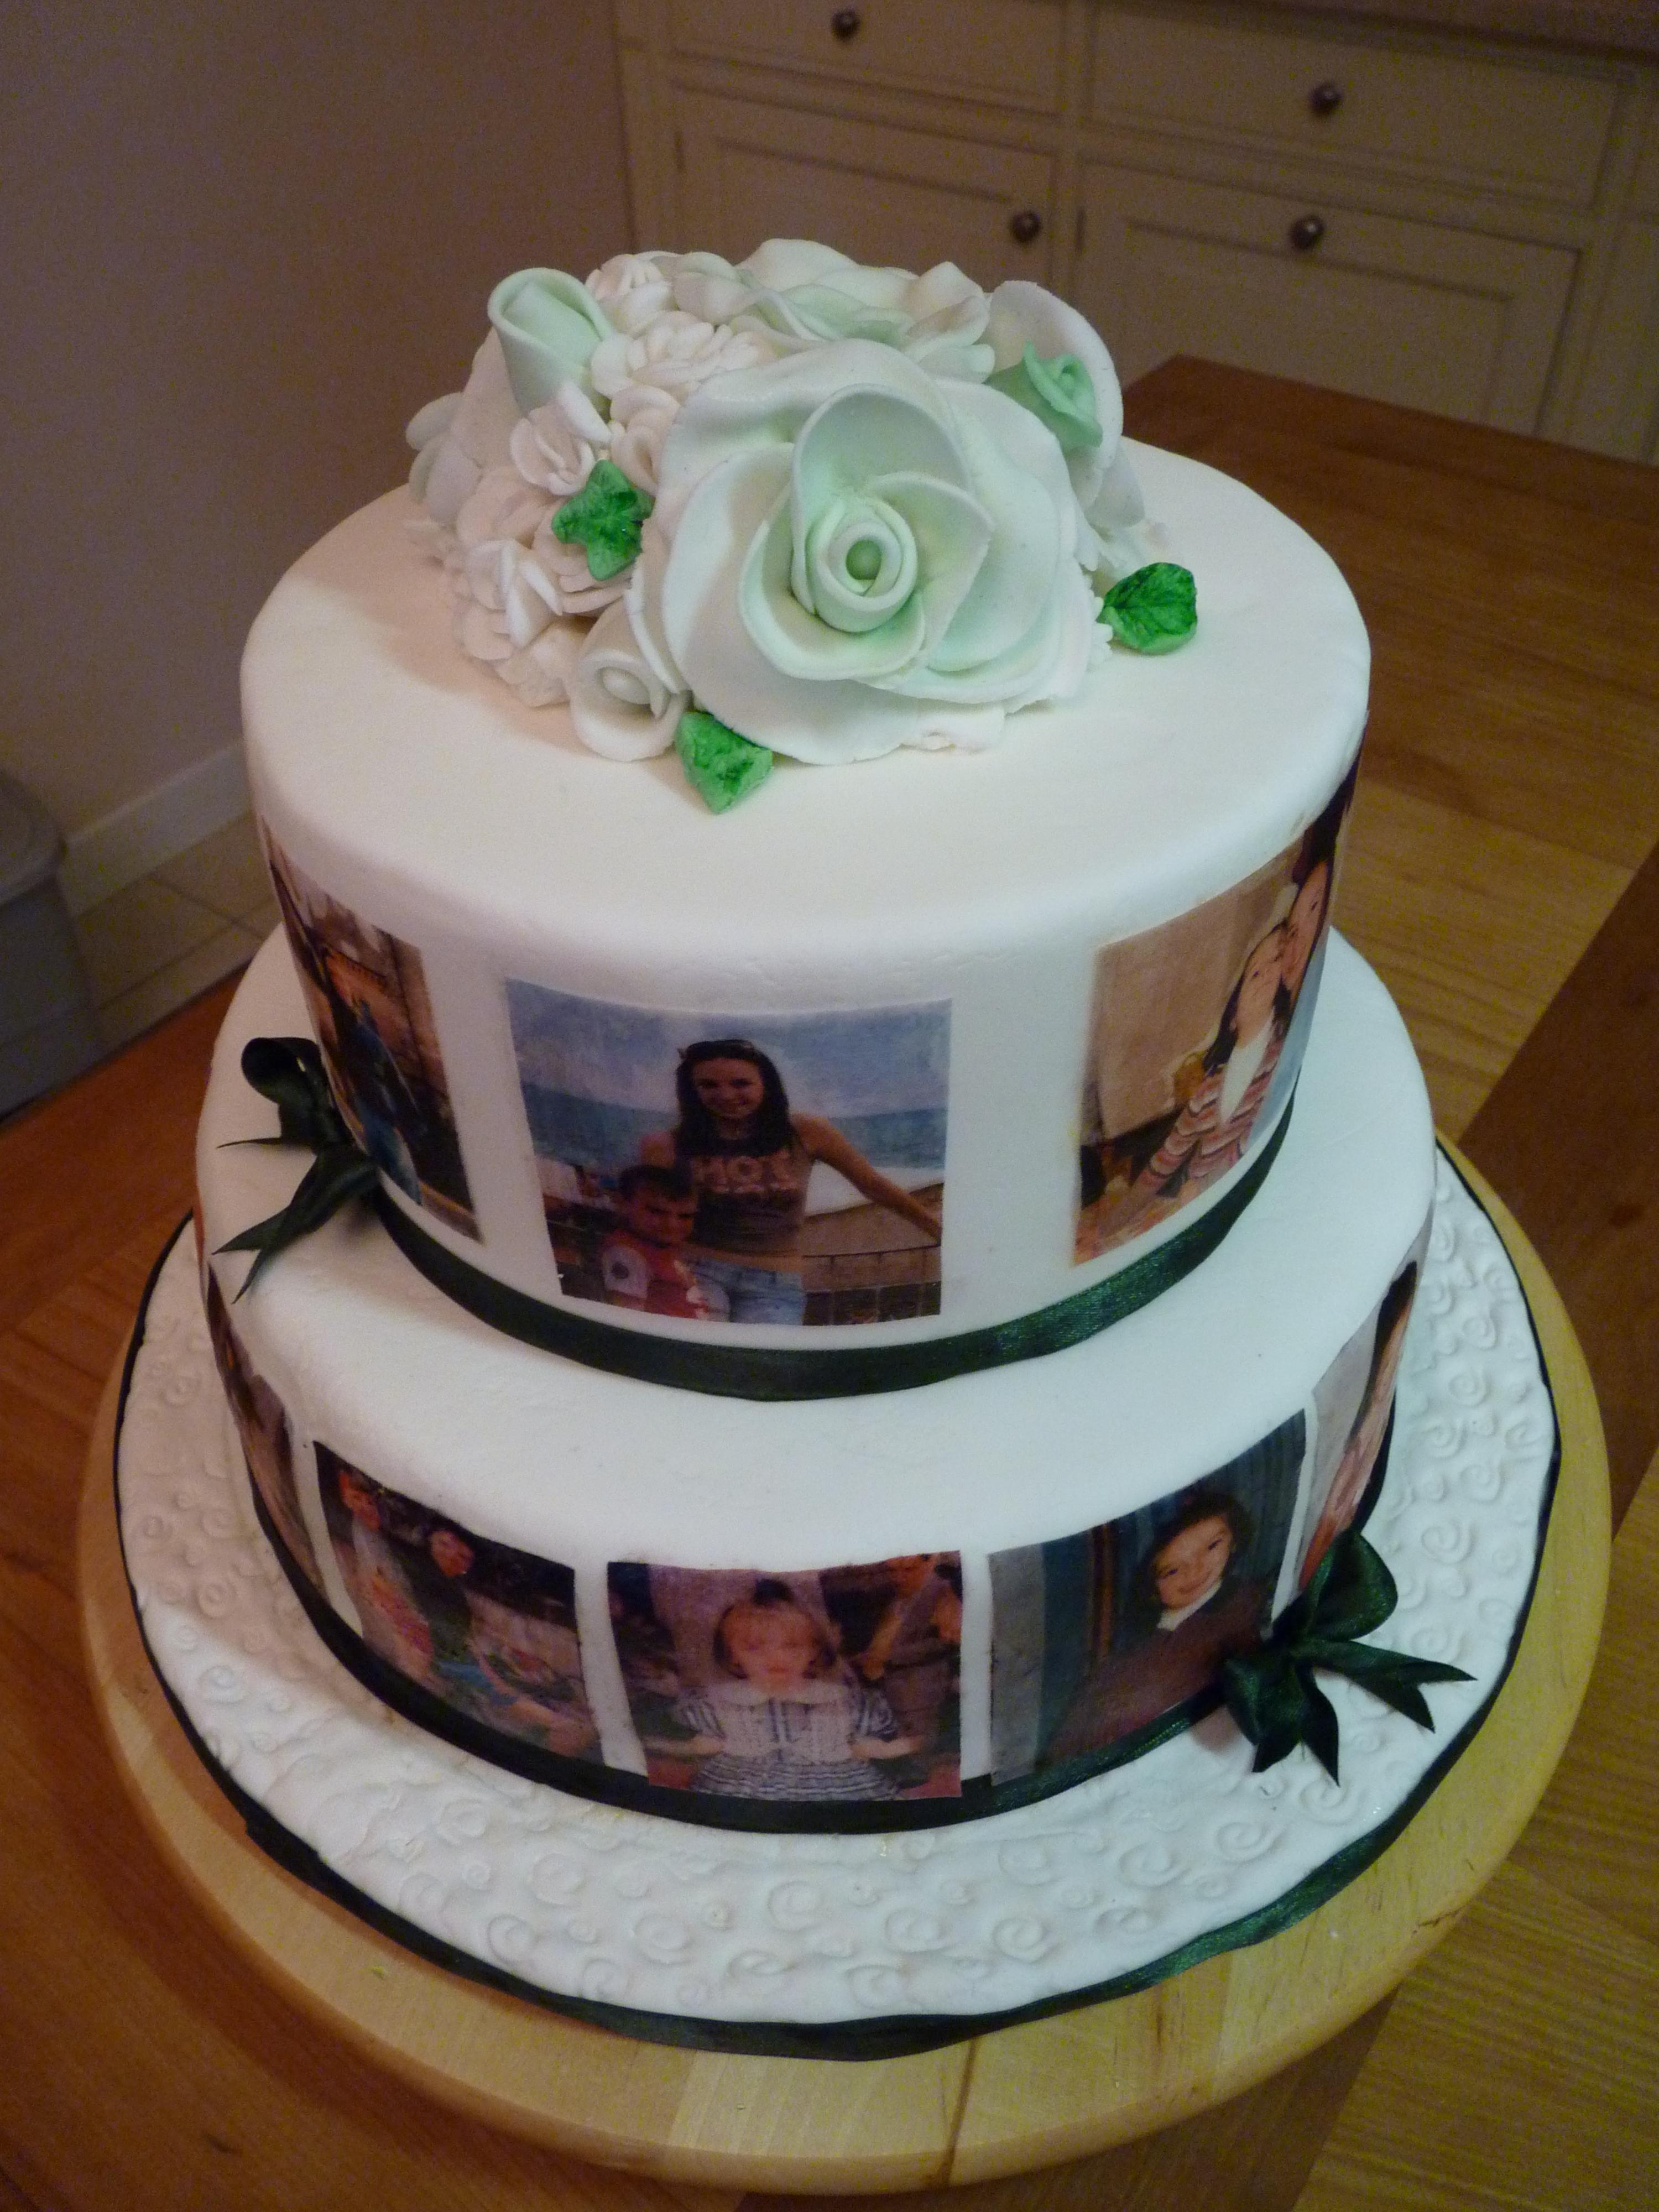 Torte Decorate Costaeleonora S Blog Pagina 2